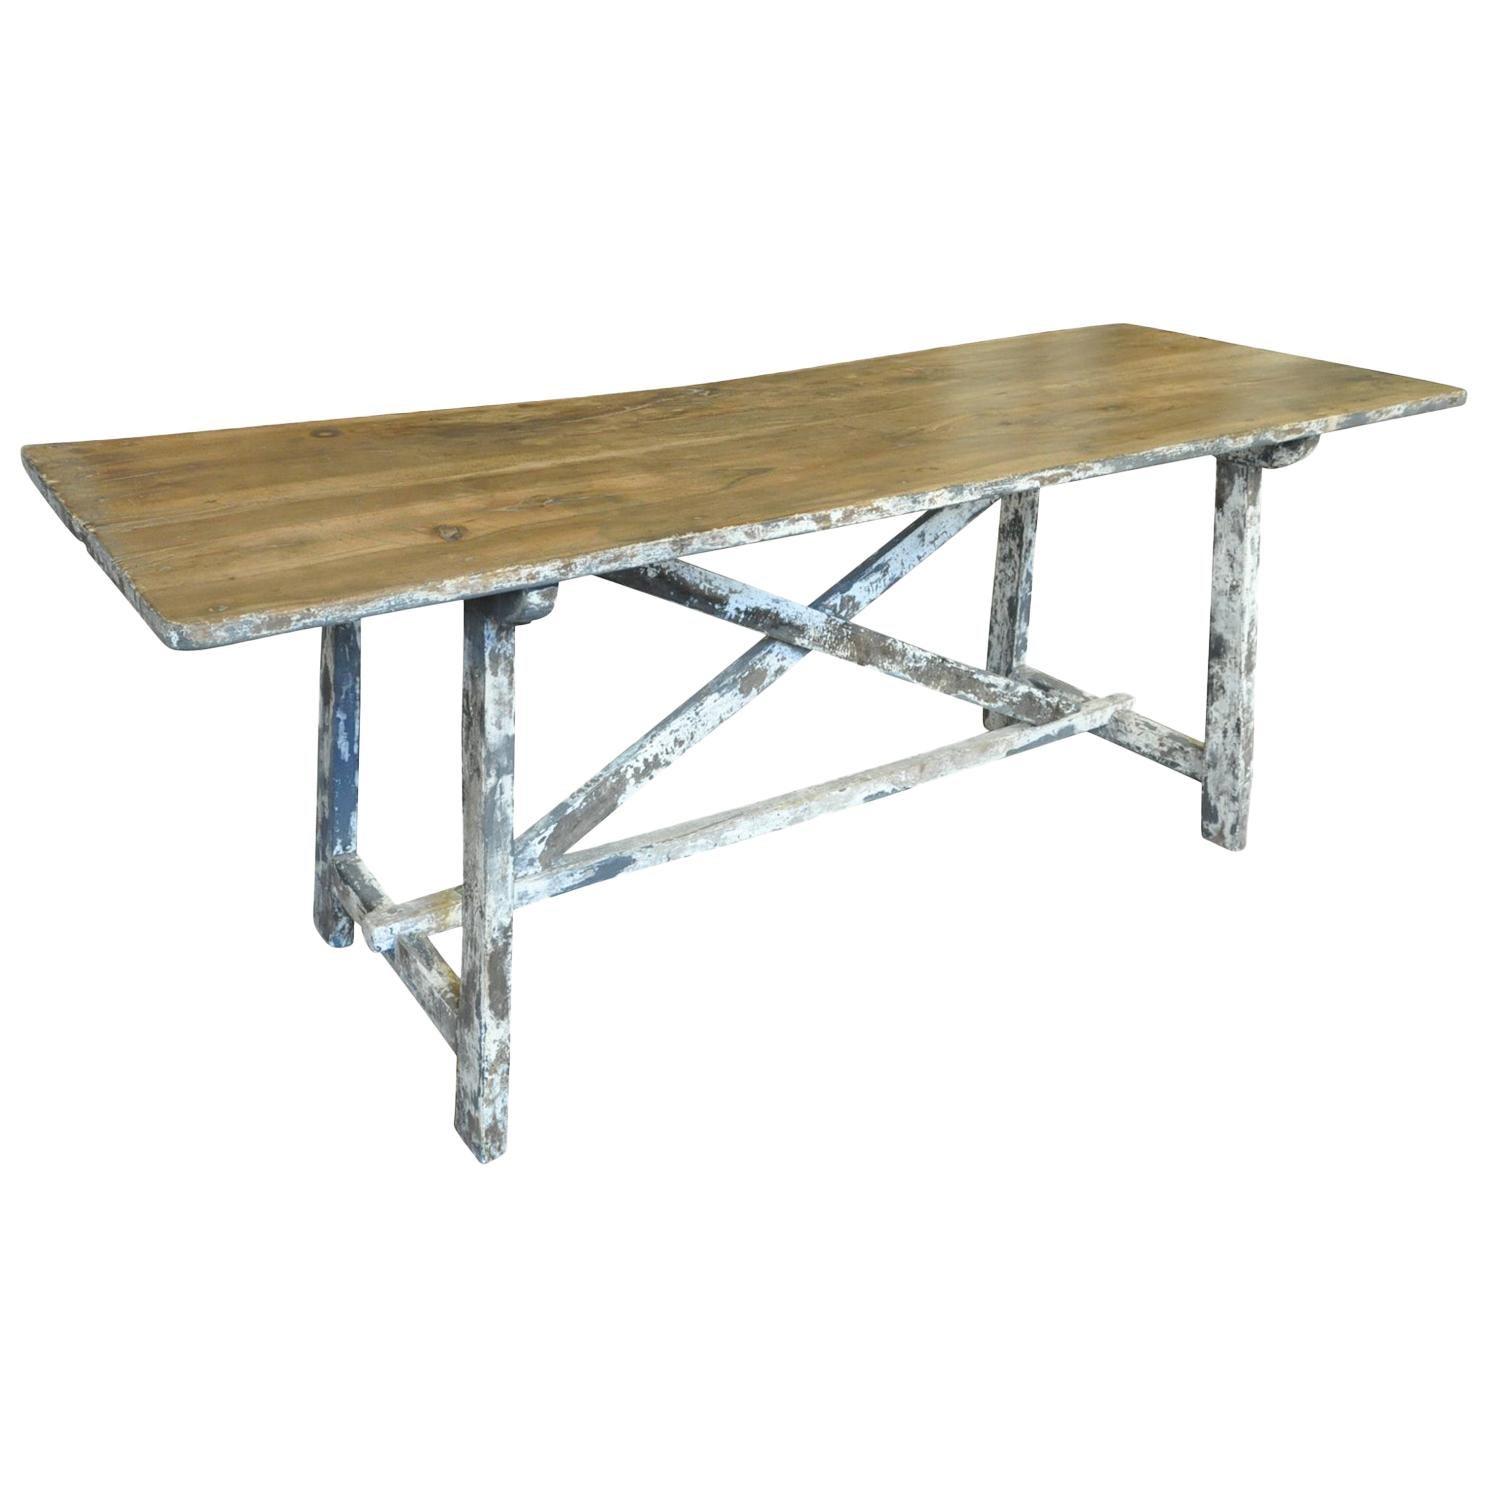 Spanish 18th Century Farm Table - Trestle Table